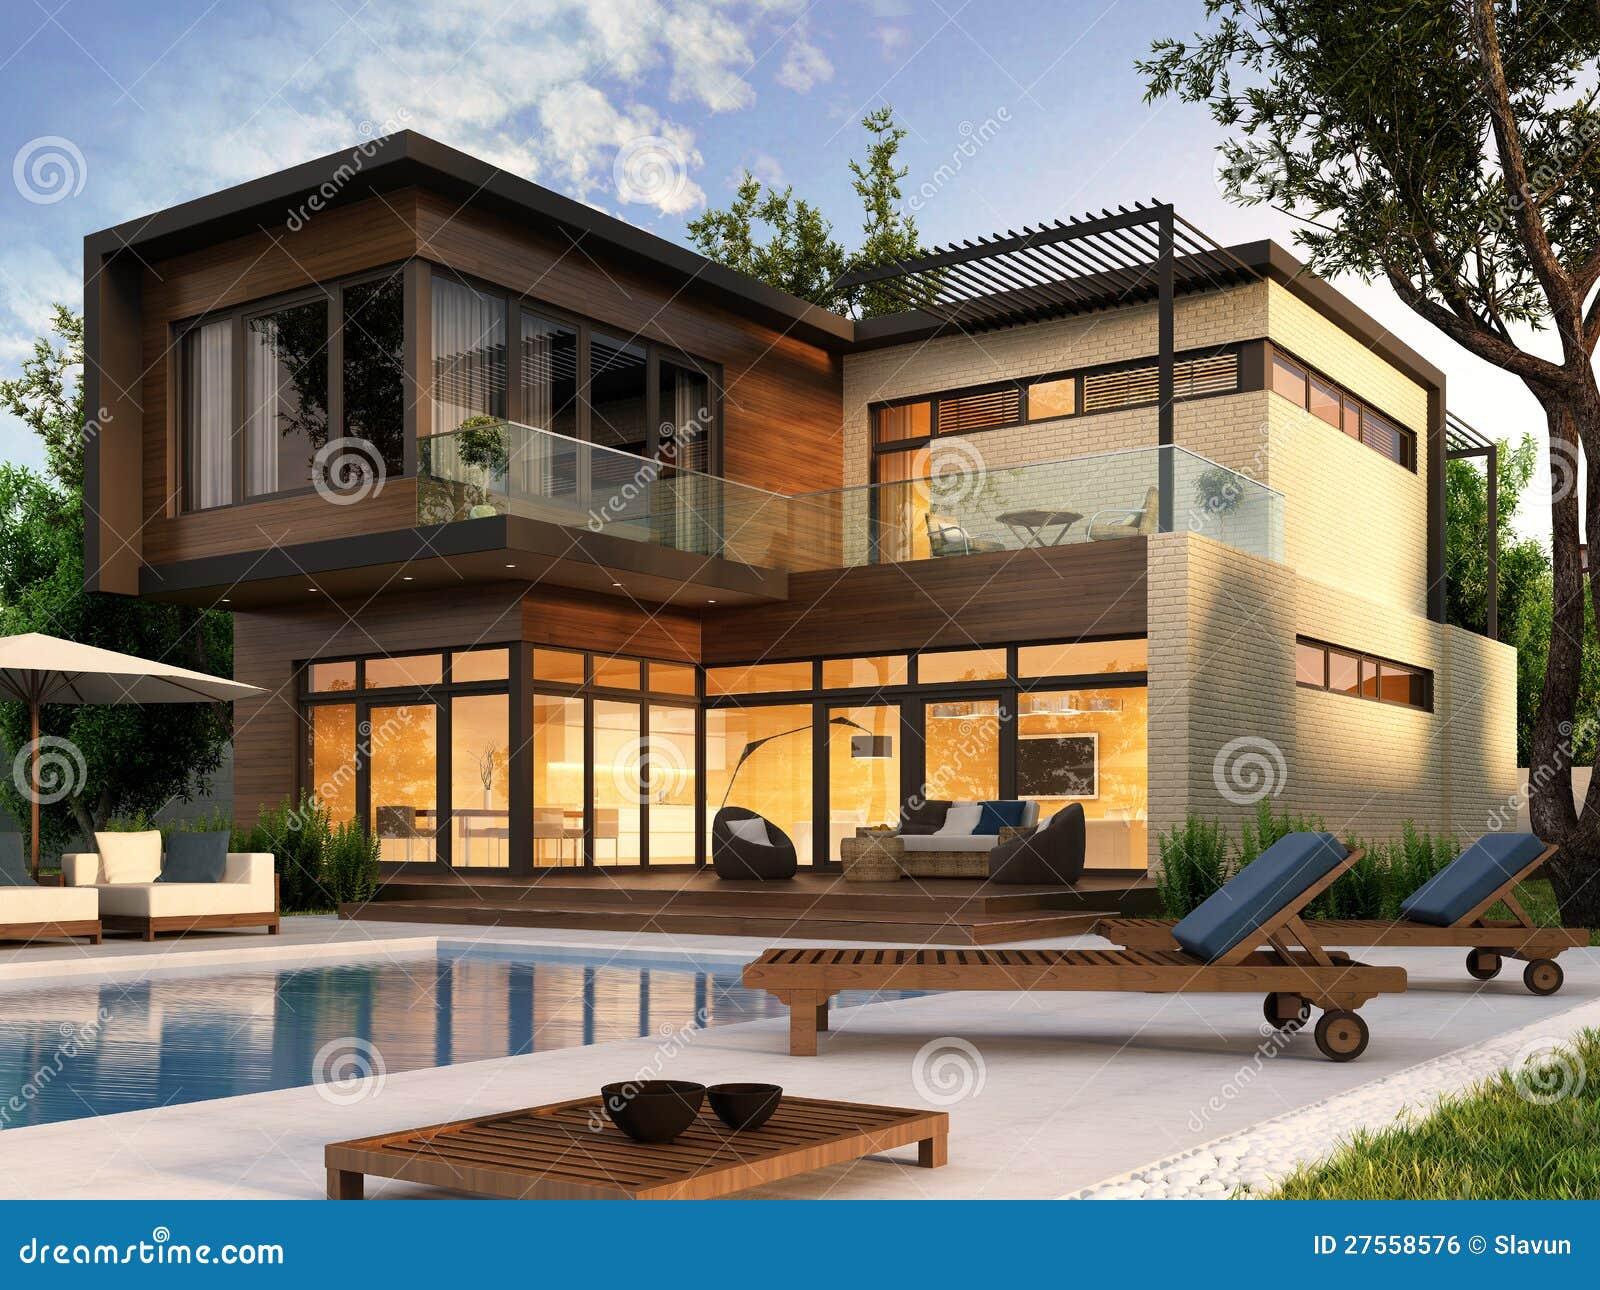 Modern huis royalty vrije stock afbeelding afbeelding 27558576 for Terras modern huis